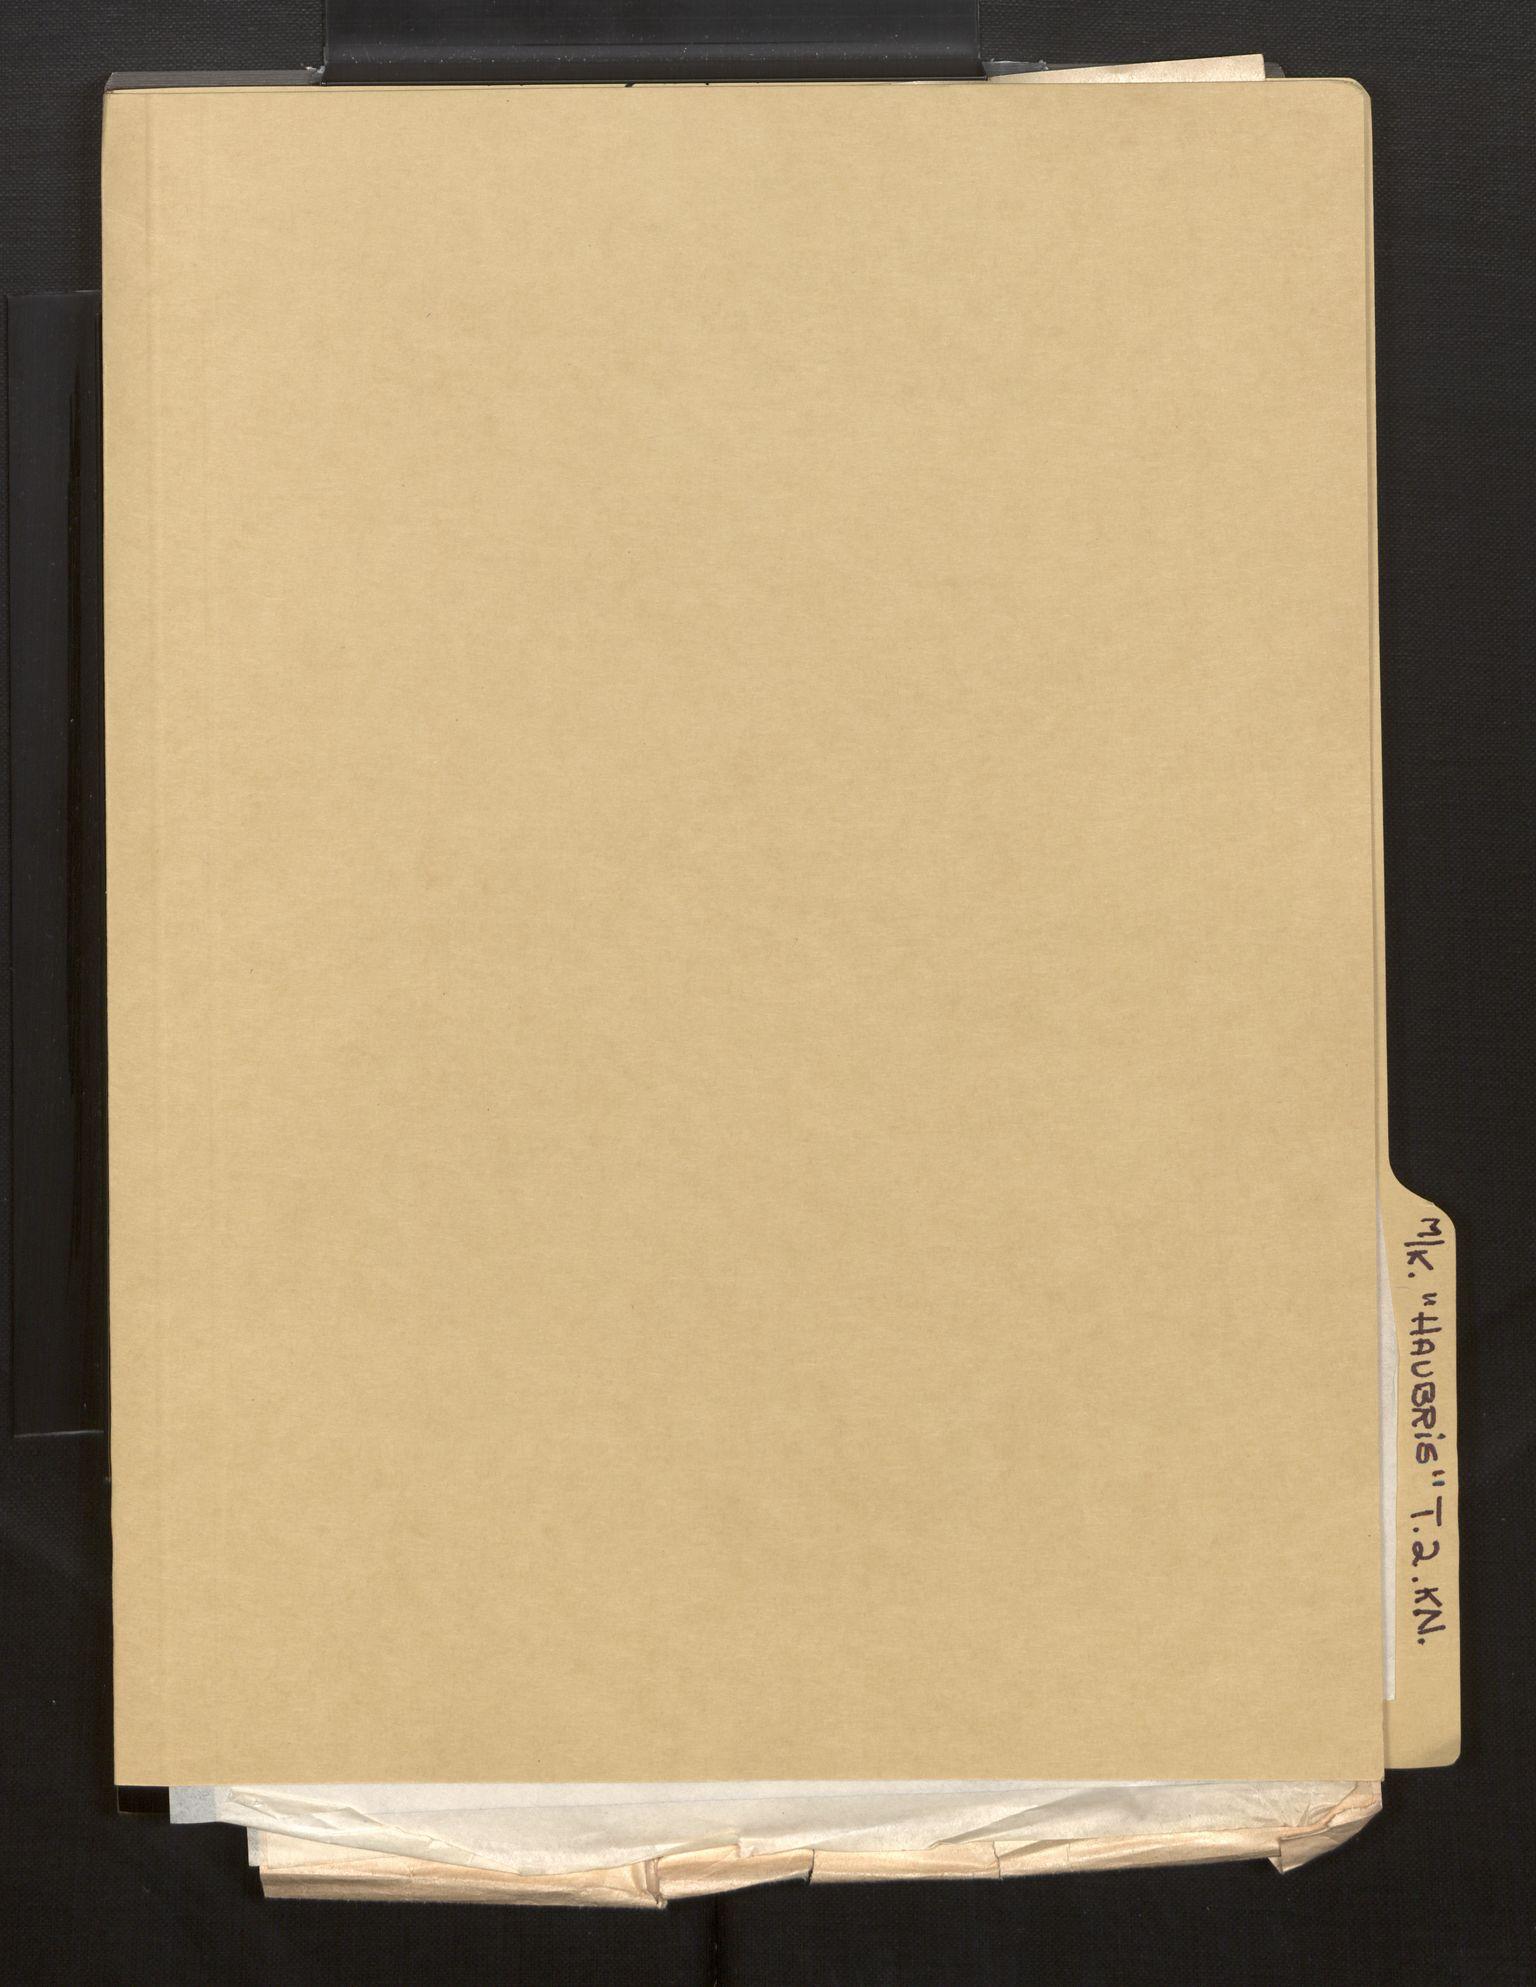 SAB, Fiskeridirektoratet - 1 Adm. ledelse - 13 Båtkontoret, La/L0042: Statens krigsforsikring for fiskeflåten, 1936-1971, p. 739